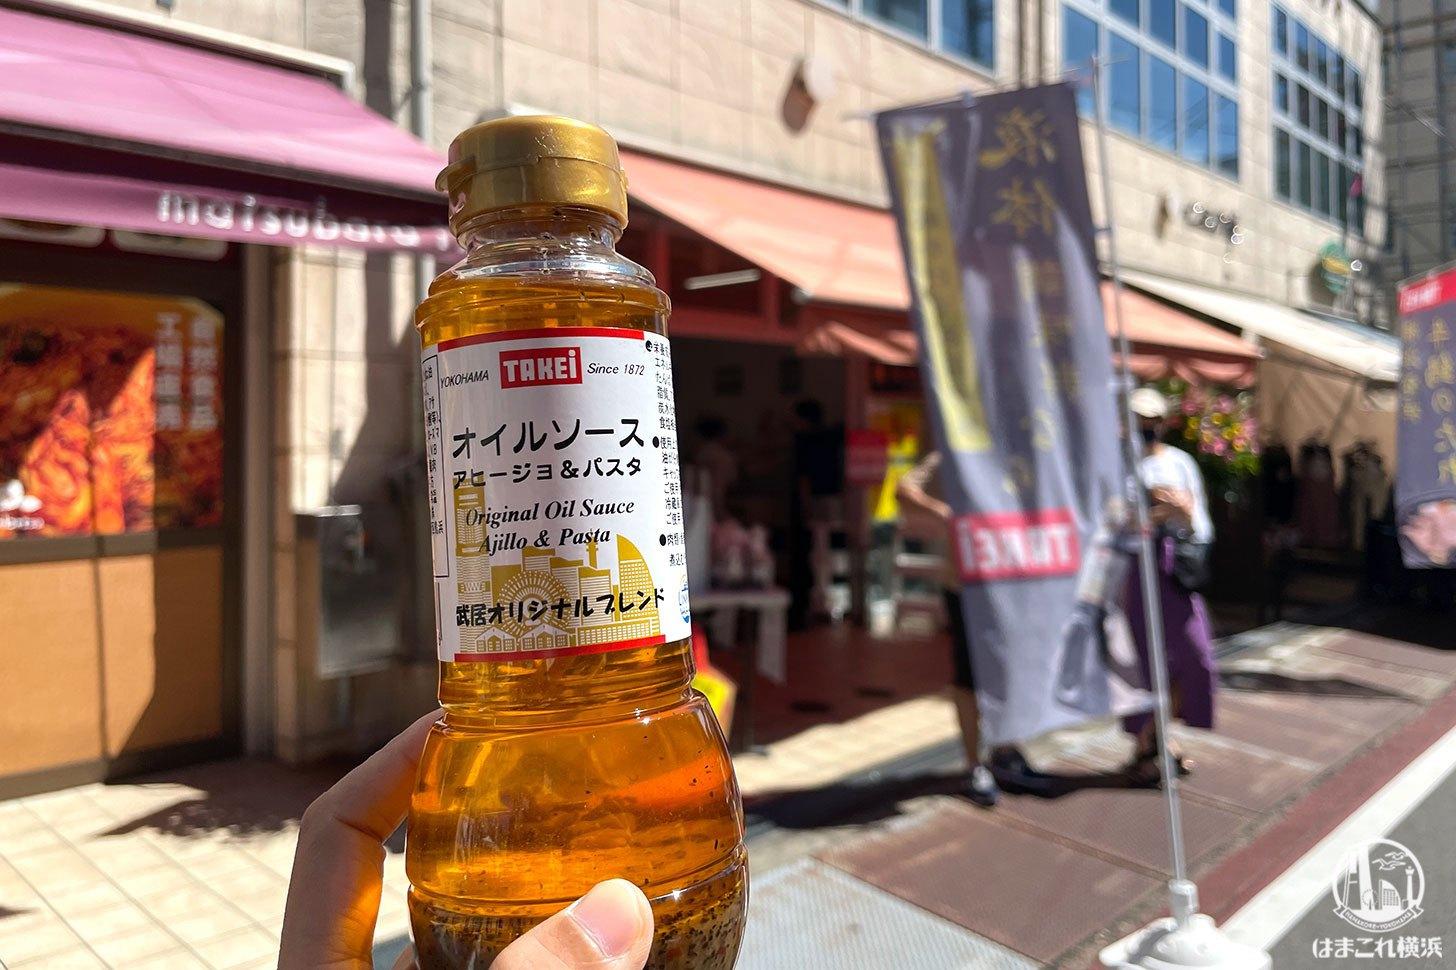 武居商店の直売店松原商店街が品揃え豊富で凄くいい!ドレッシングとタレのパラダイス